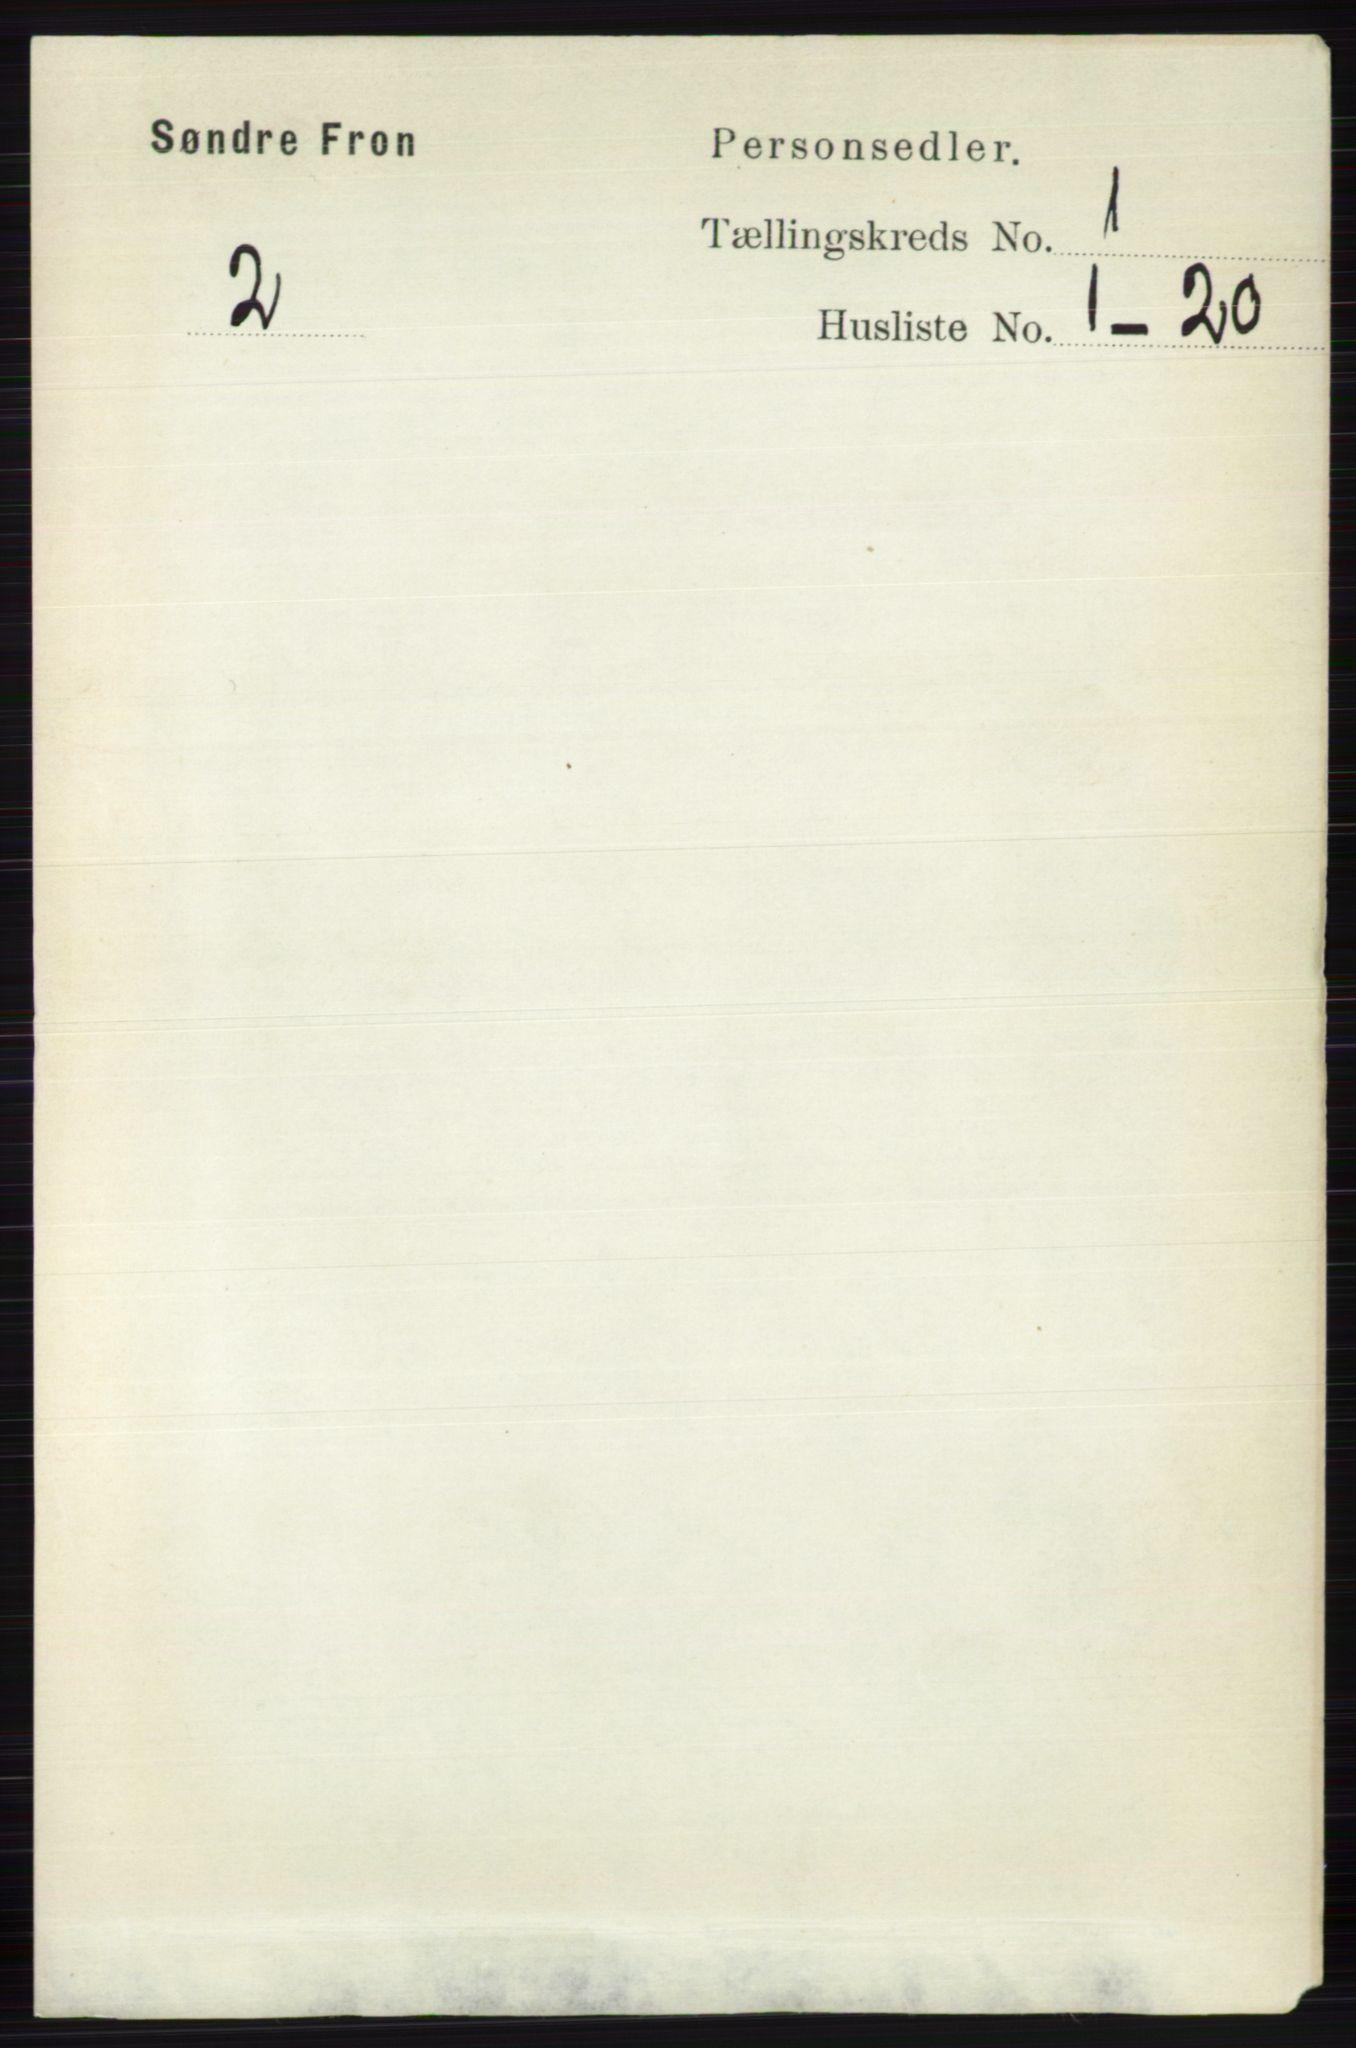 RA, Folketelling 1891 for 0519 Sør-Fron herred, 1891, s. 95